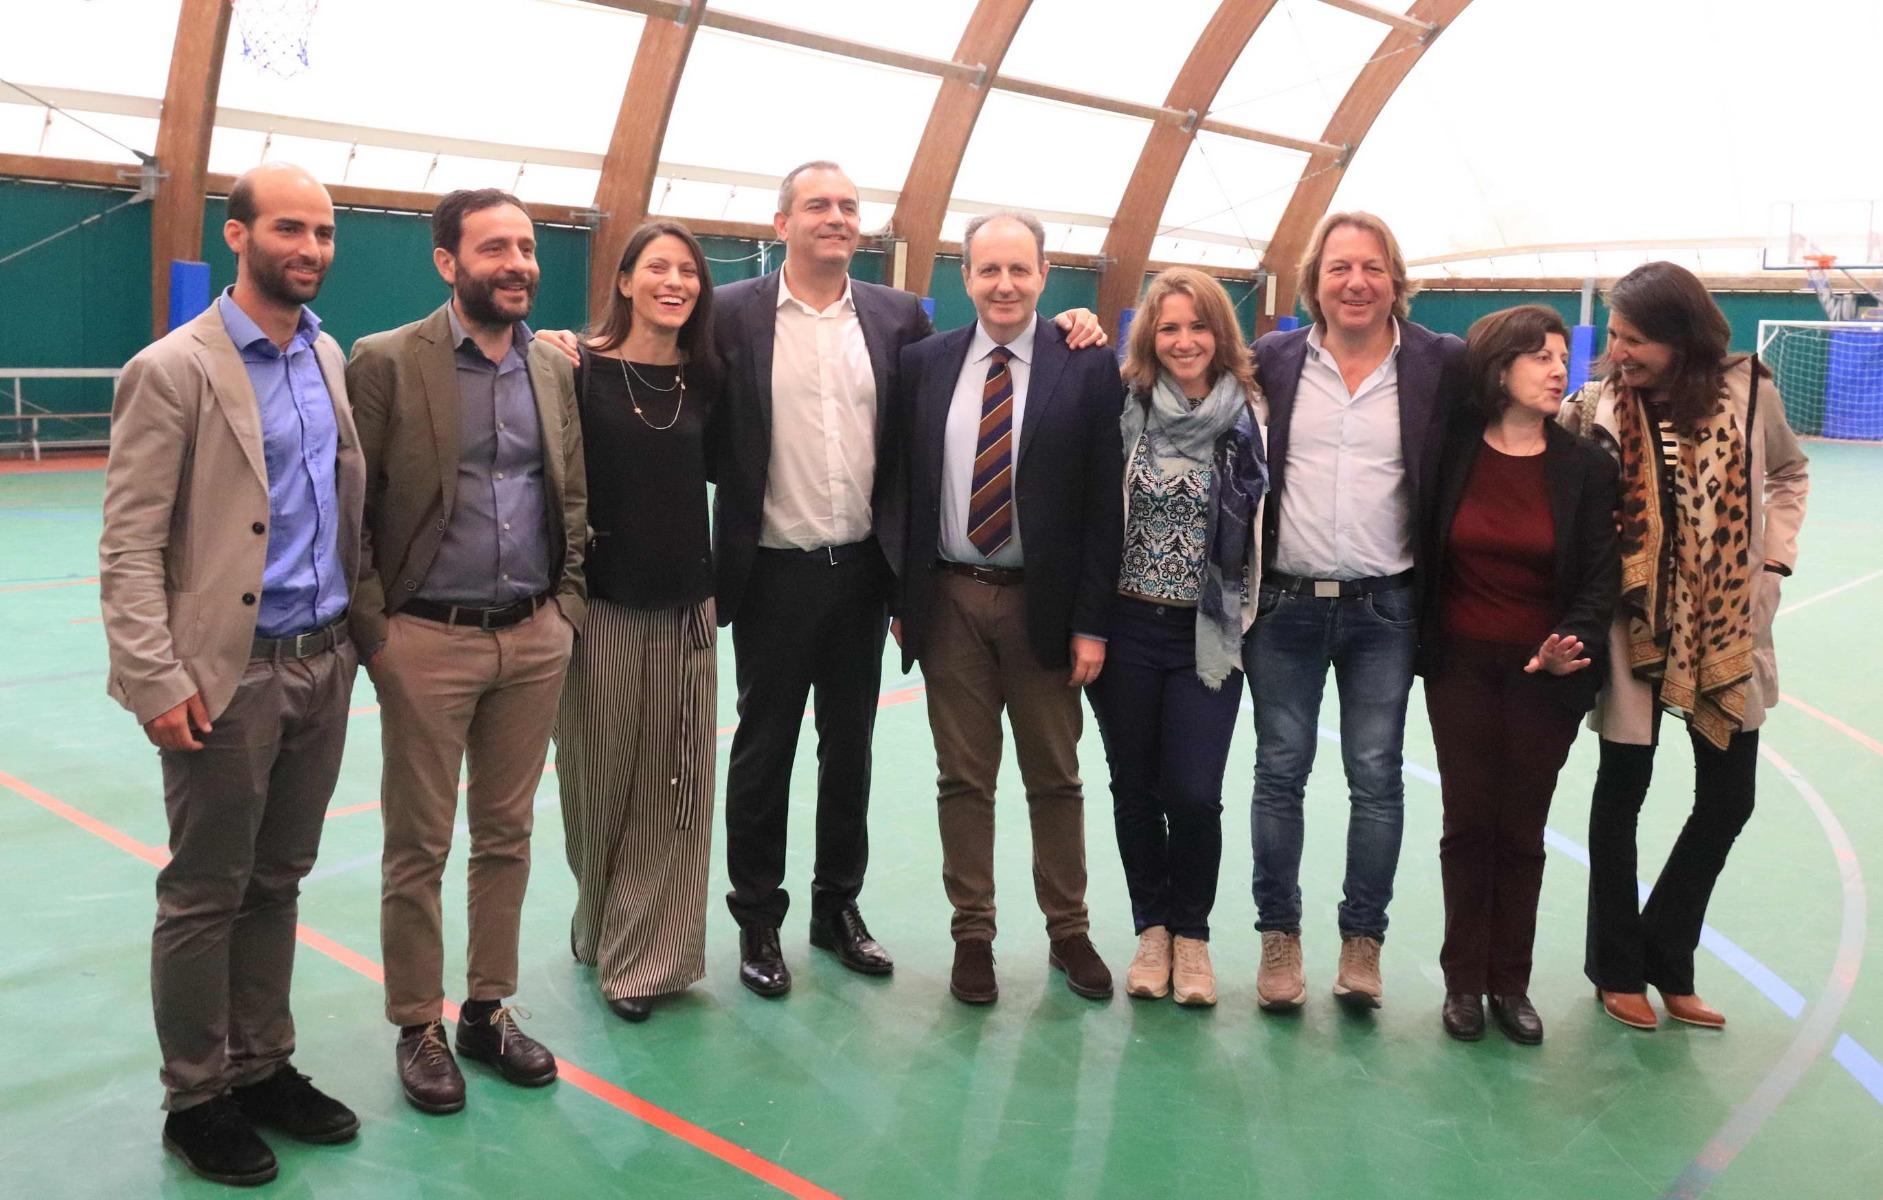 PROGETTO FOLLOW THE SUN PER SKYSEF 2019 : IL SINDACO IN VISITA AL RIGHI  INCONTRA GLI STUDENTI DEL R [..]